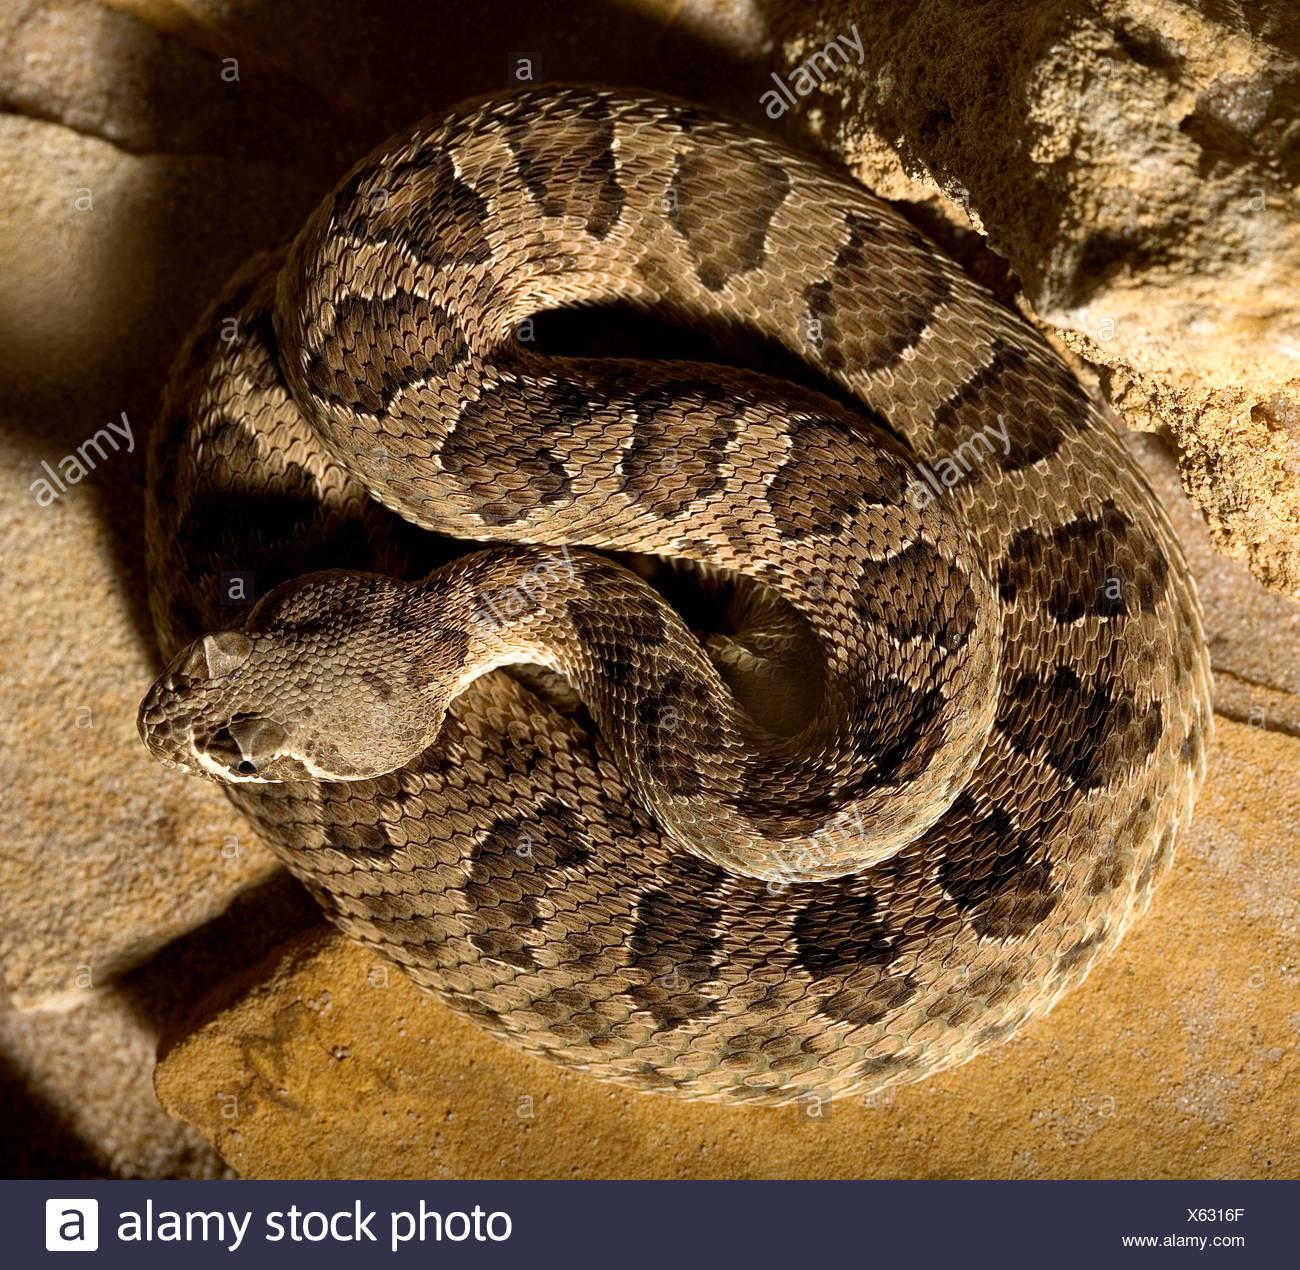 danger brown brownish brunette snake poison rattlesnake